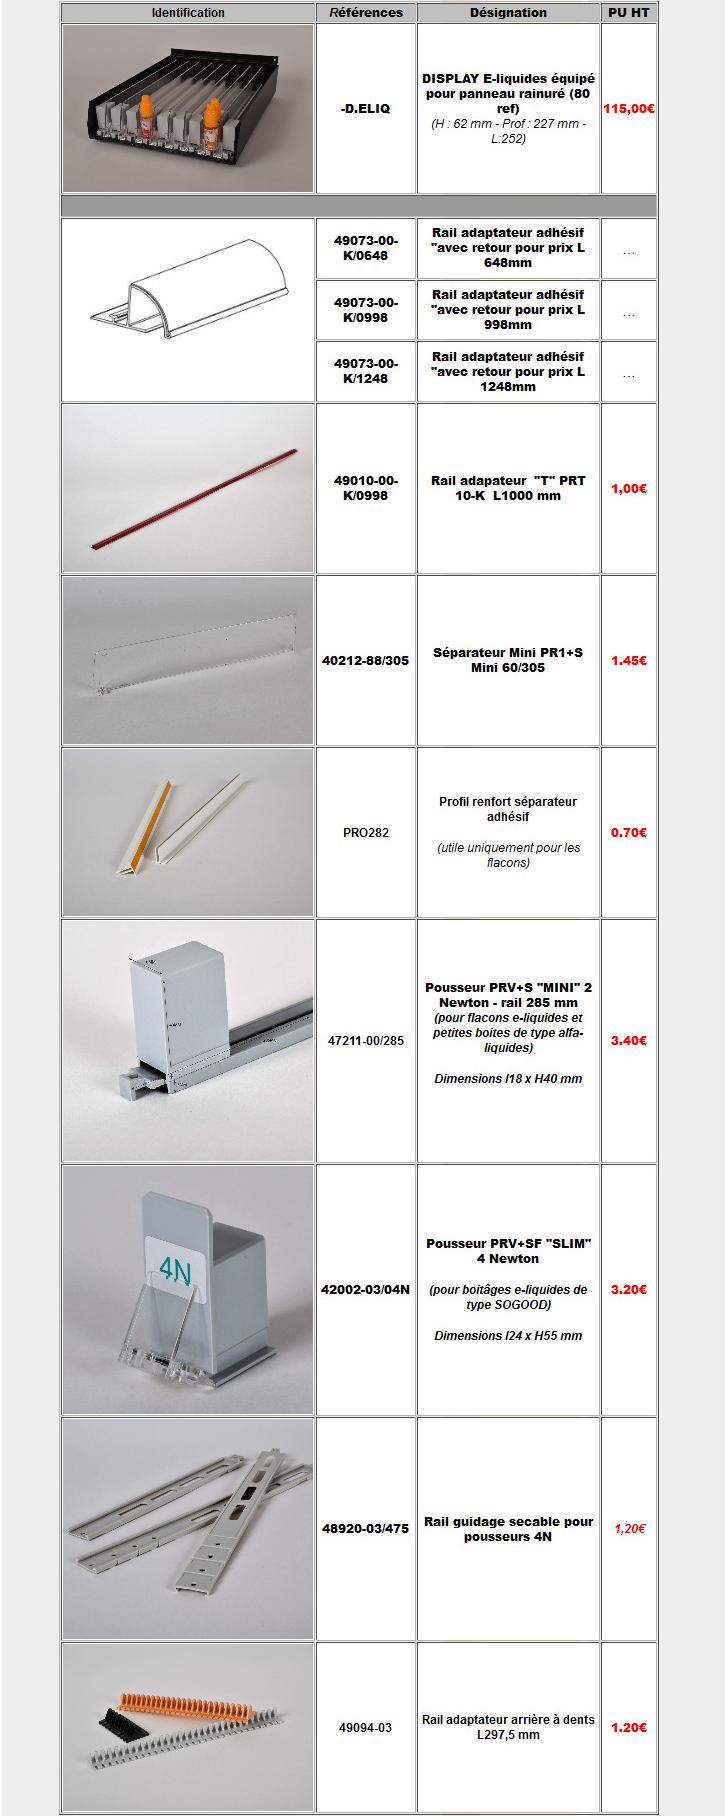 tarif poussoirs e-liquides site internet/a2m diffusion